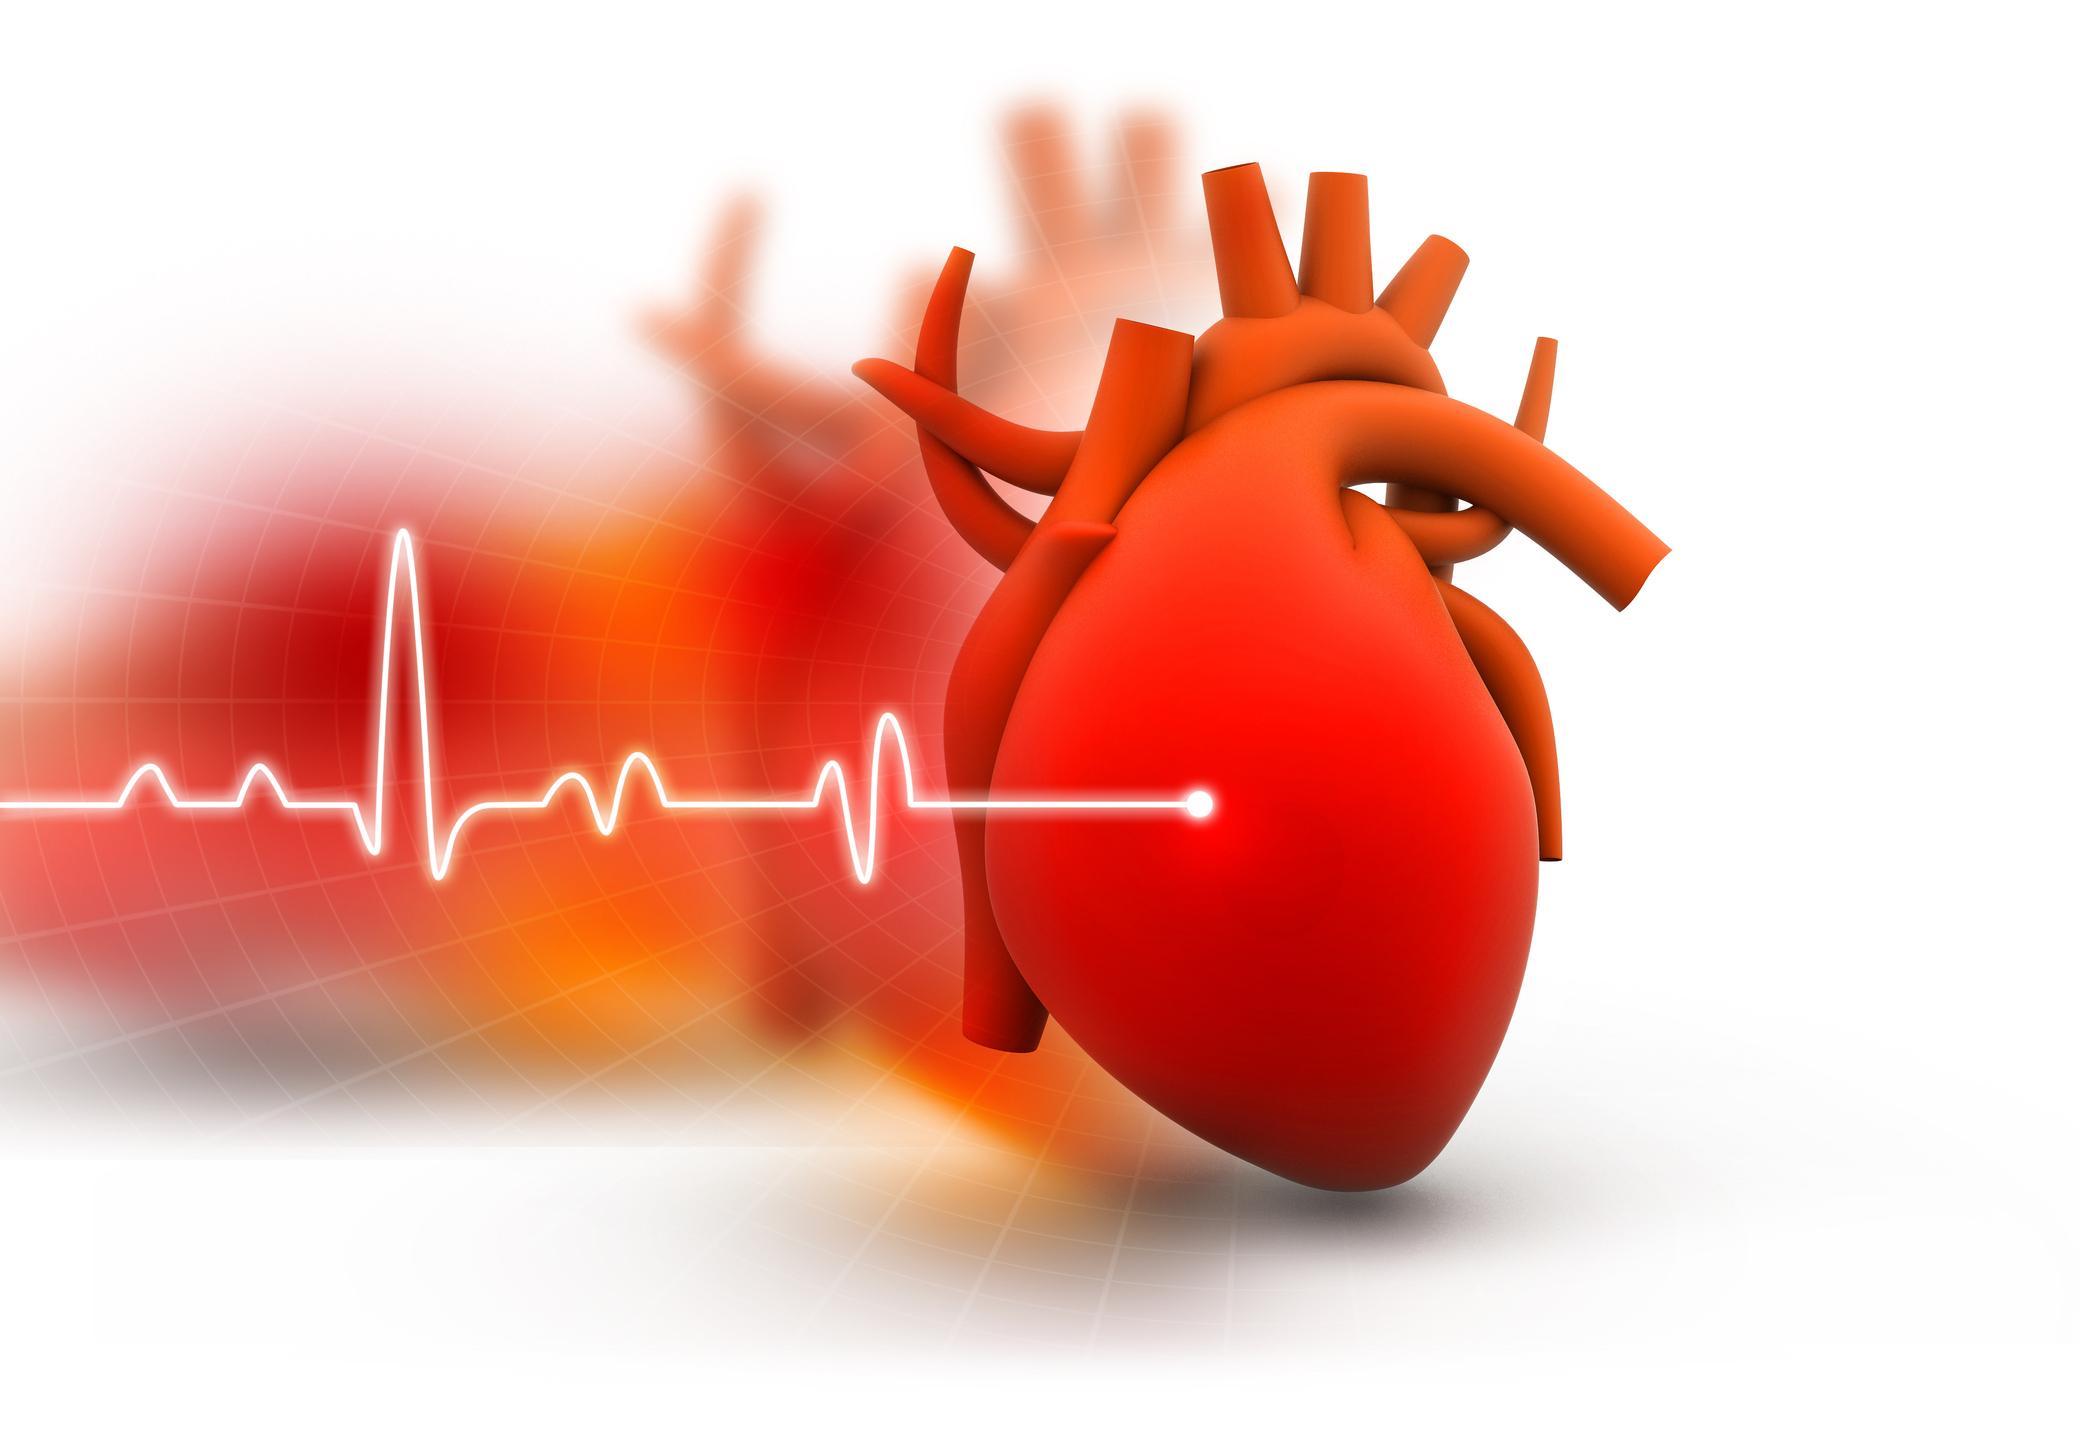 szálszerű impulzus magas vérnyomással